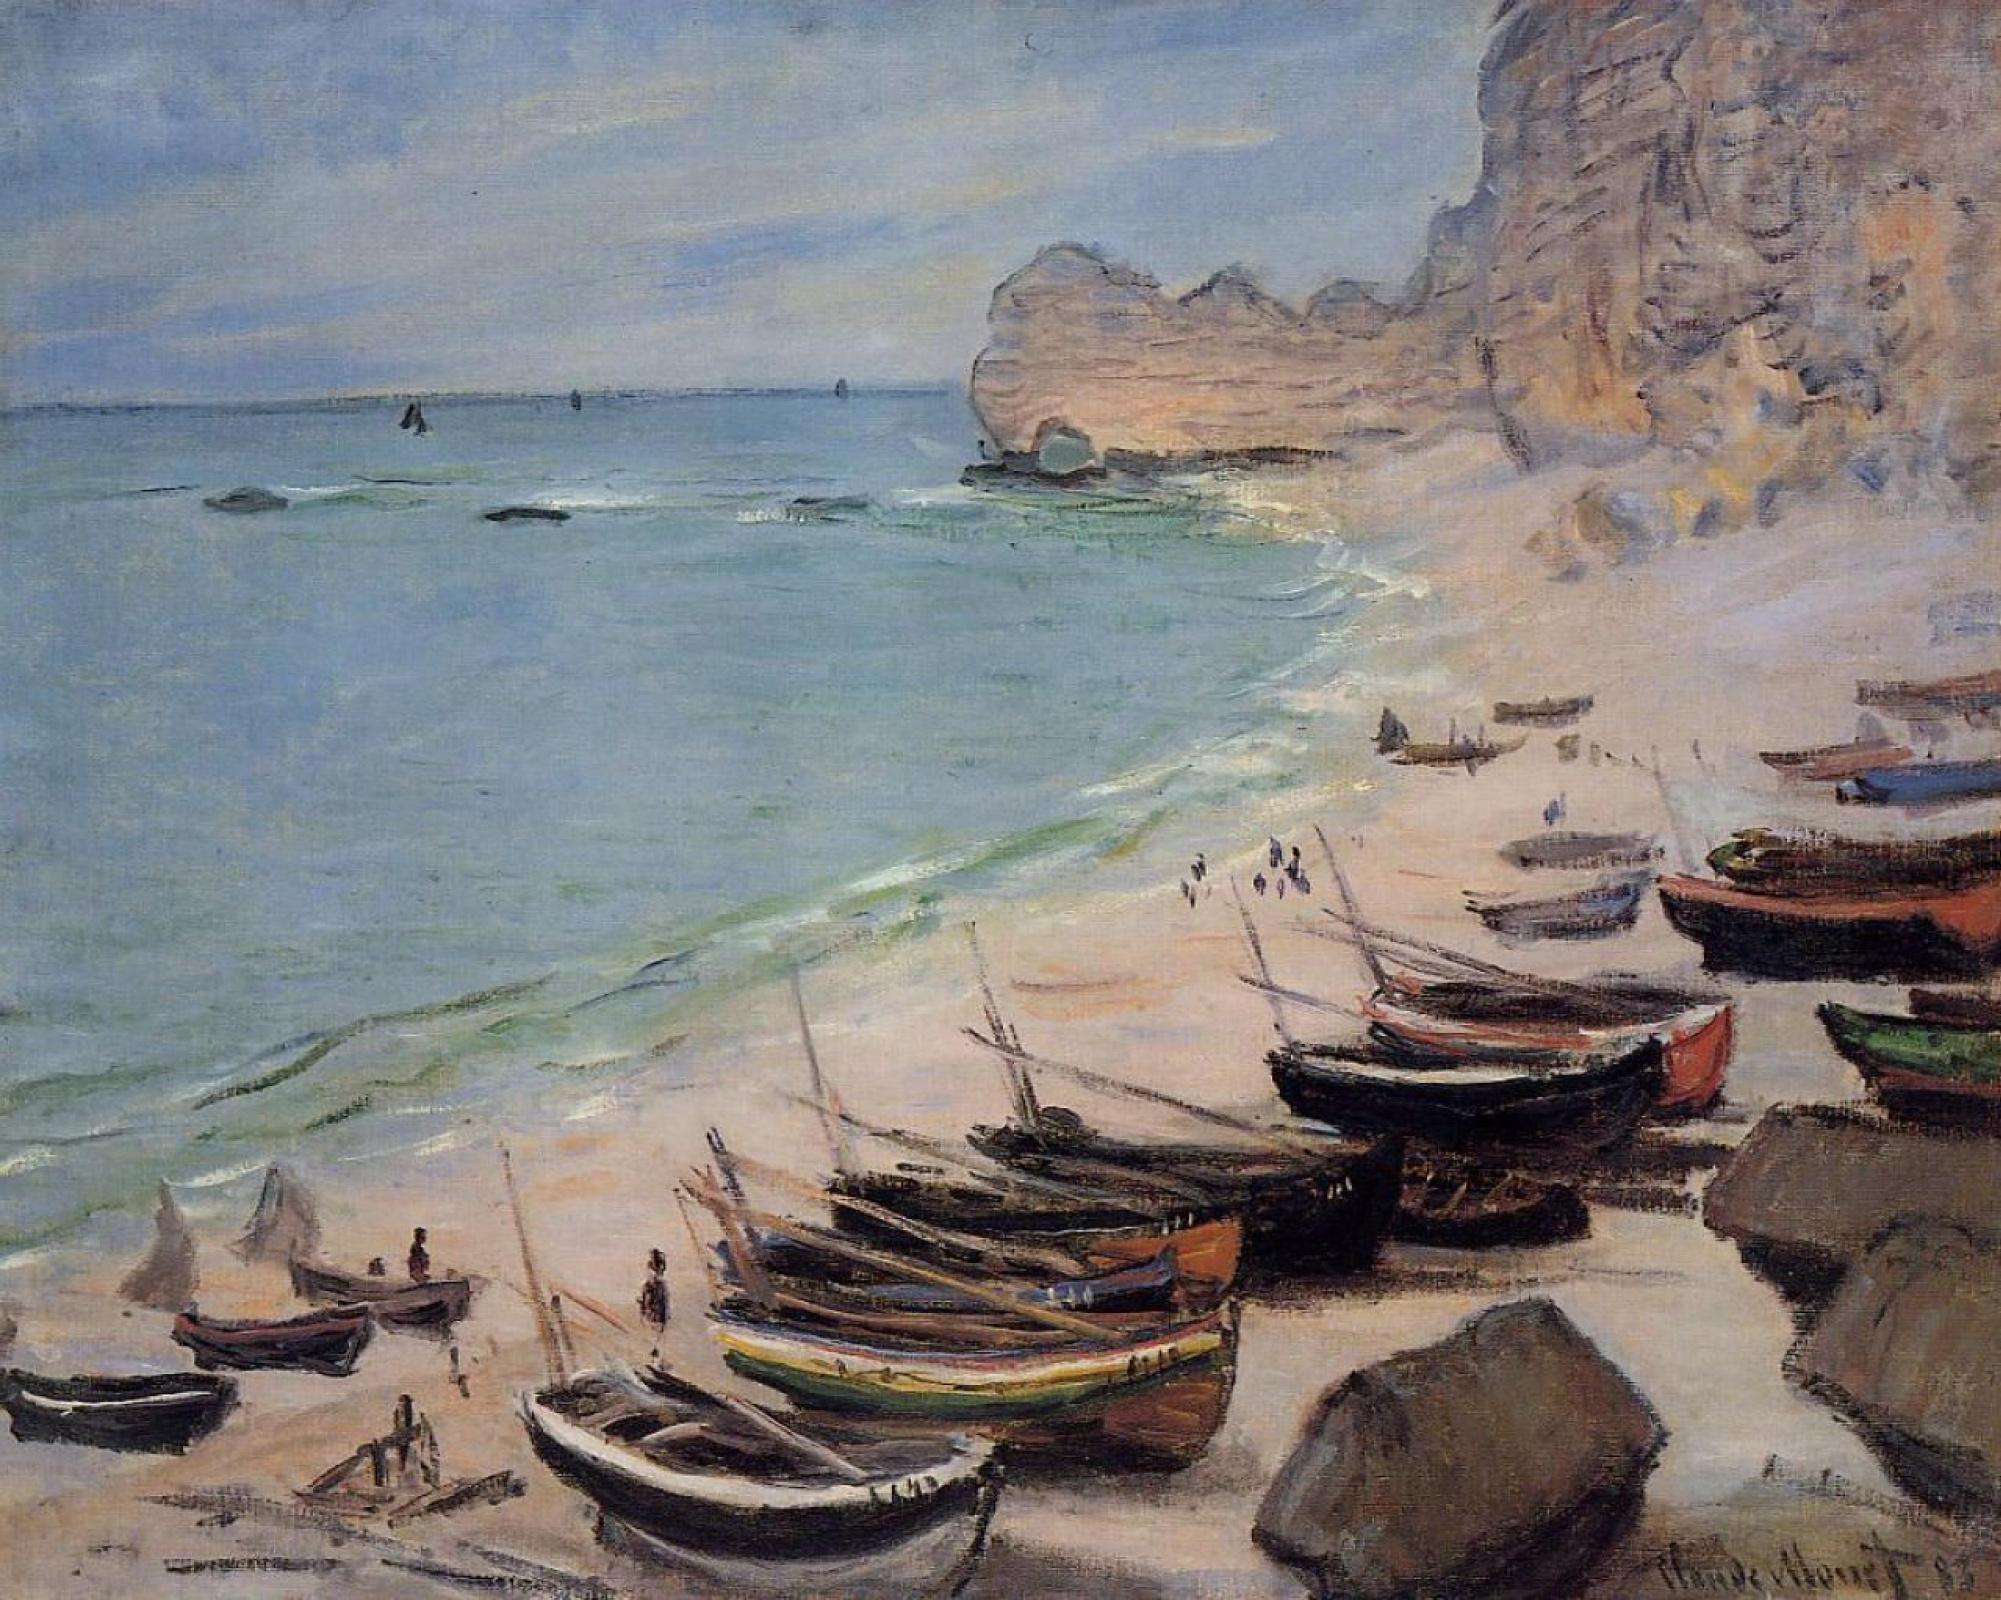 пейзажи - побережье < Лодки у пляжа >:: Клод Моне, описание картины - Claude Monet фото